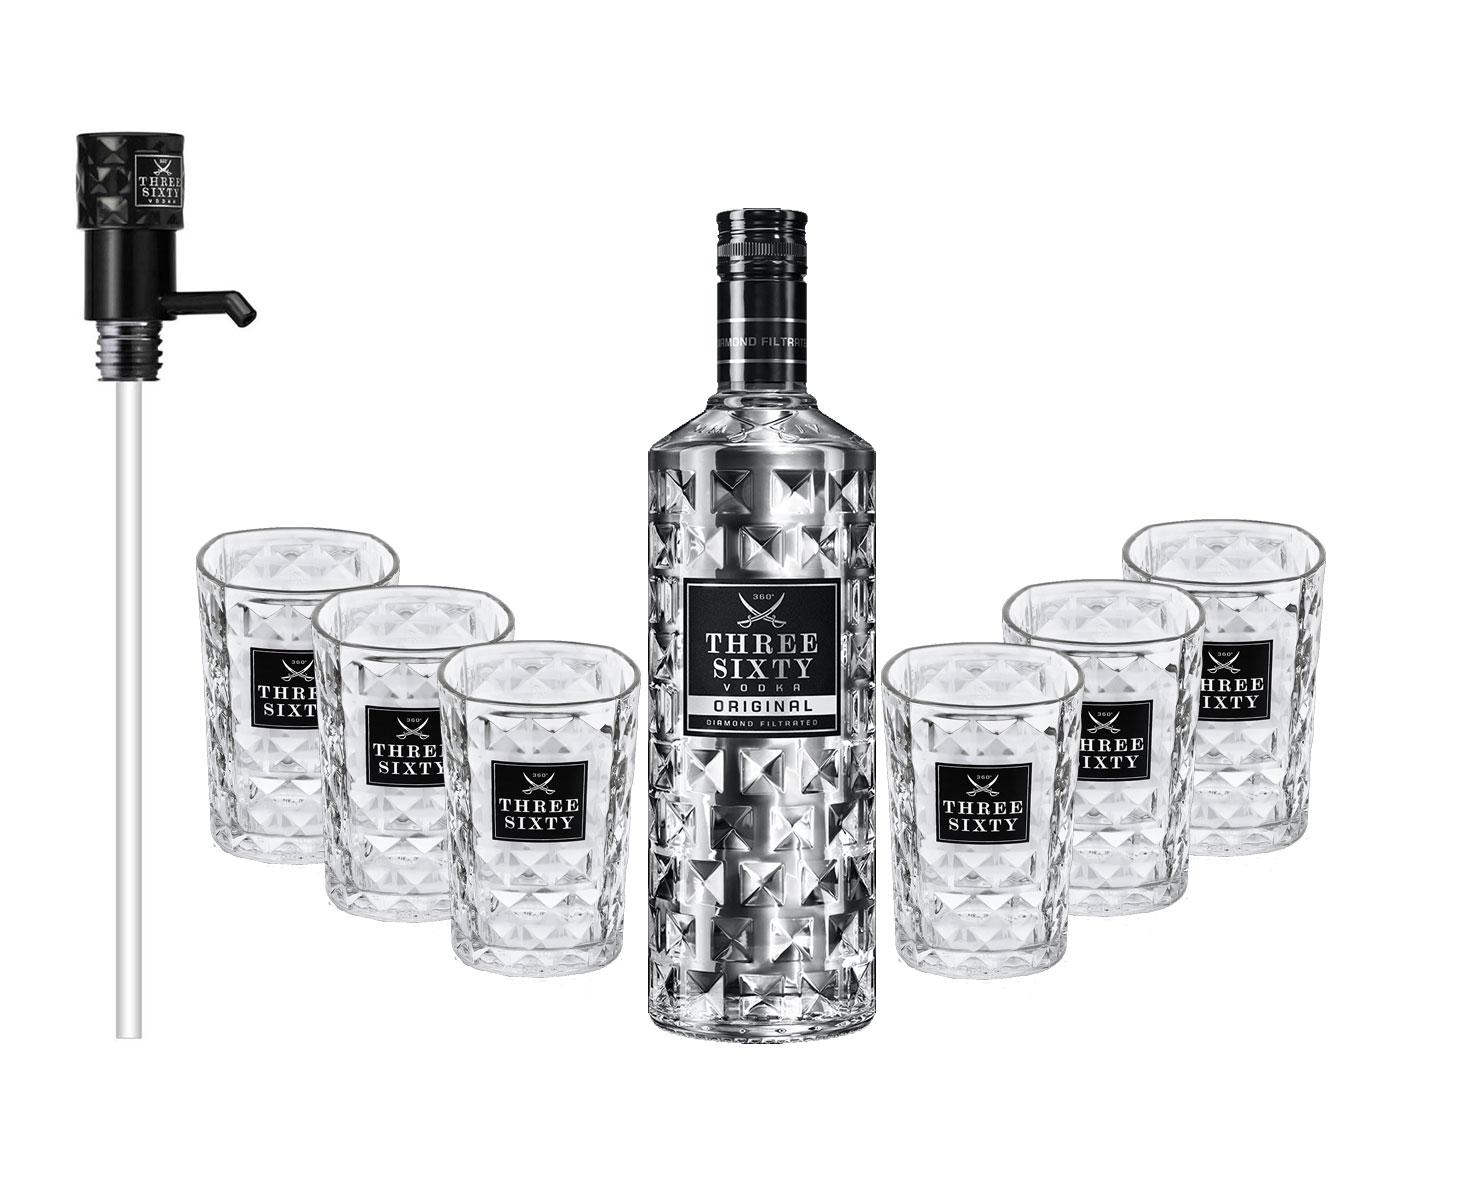 Three Sixty Set Geschenkset - Three Sixty Vodka Wodka3L 3000ml (37,5% Vol) +Pumpe + 6x Tumbler 0,2l 200ml Facettenschliff Glas- [Enthält Sulfite]